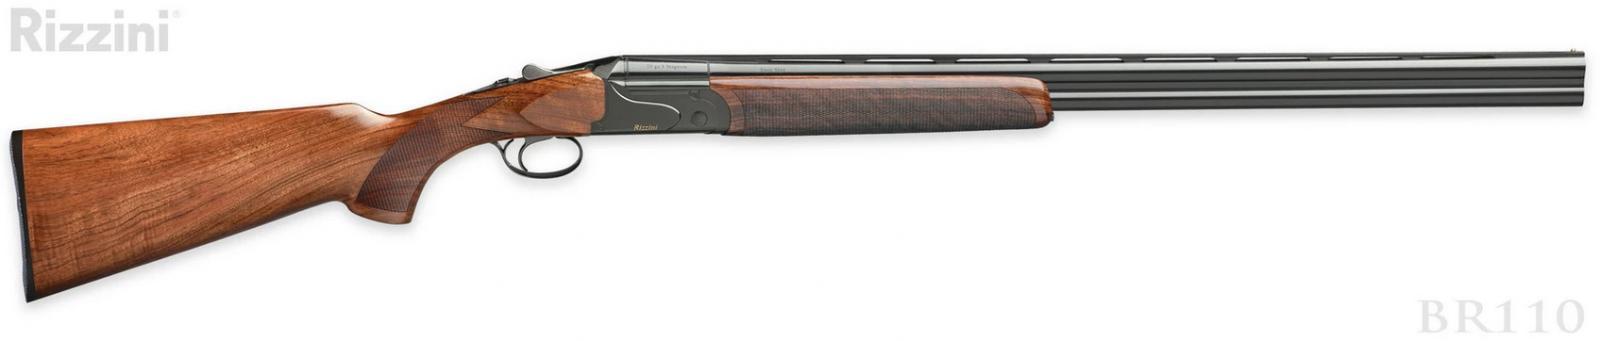 Fusil superposé RIZZINI BR110 Acier Cal. 28/70